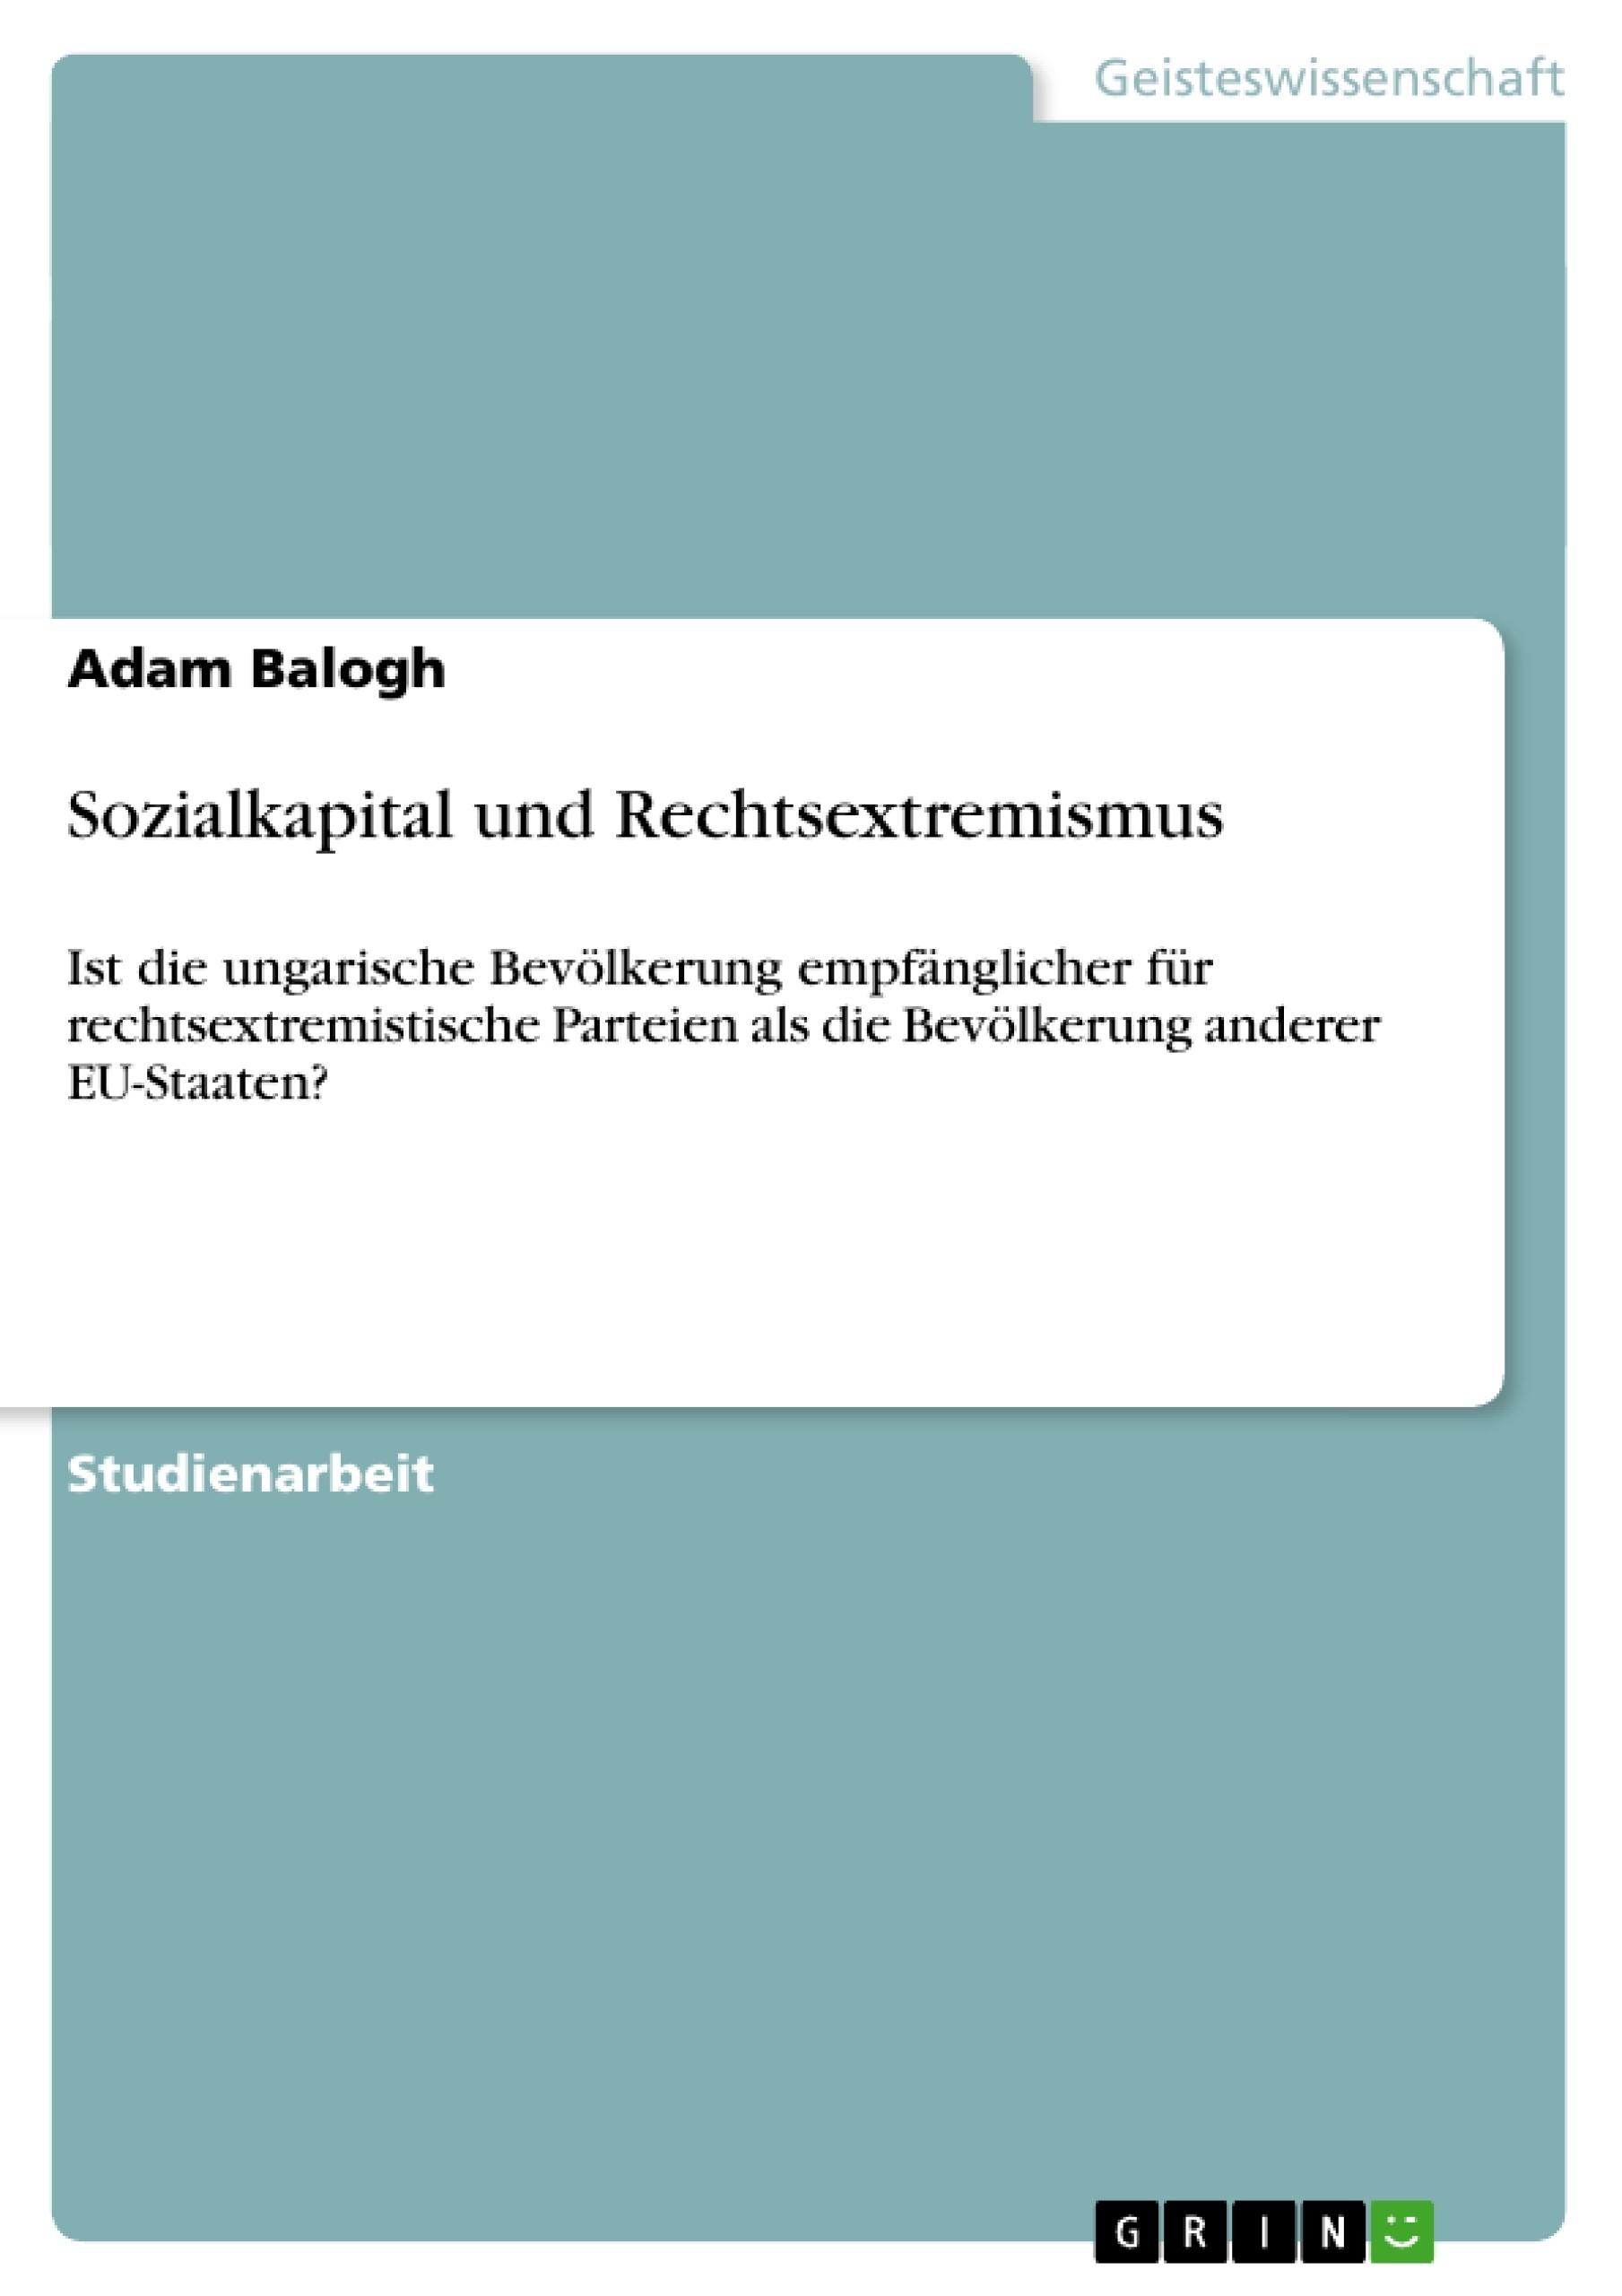 Titel: Sozialkapital und Rechtsextremismus